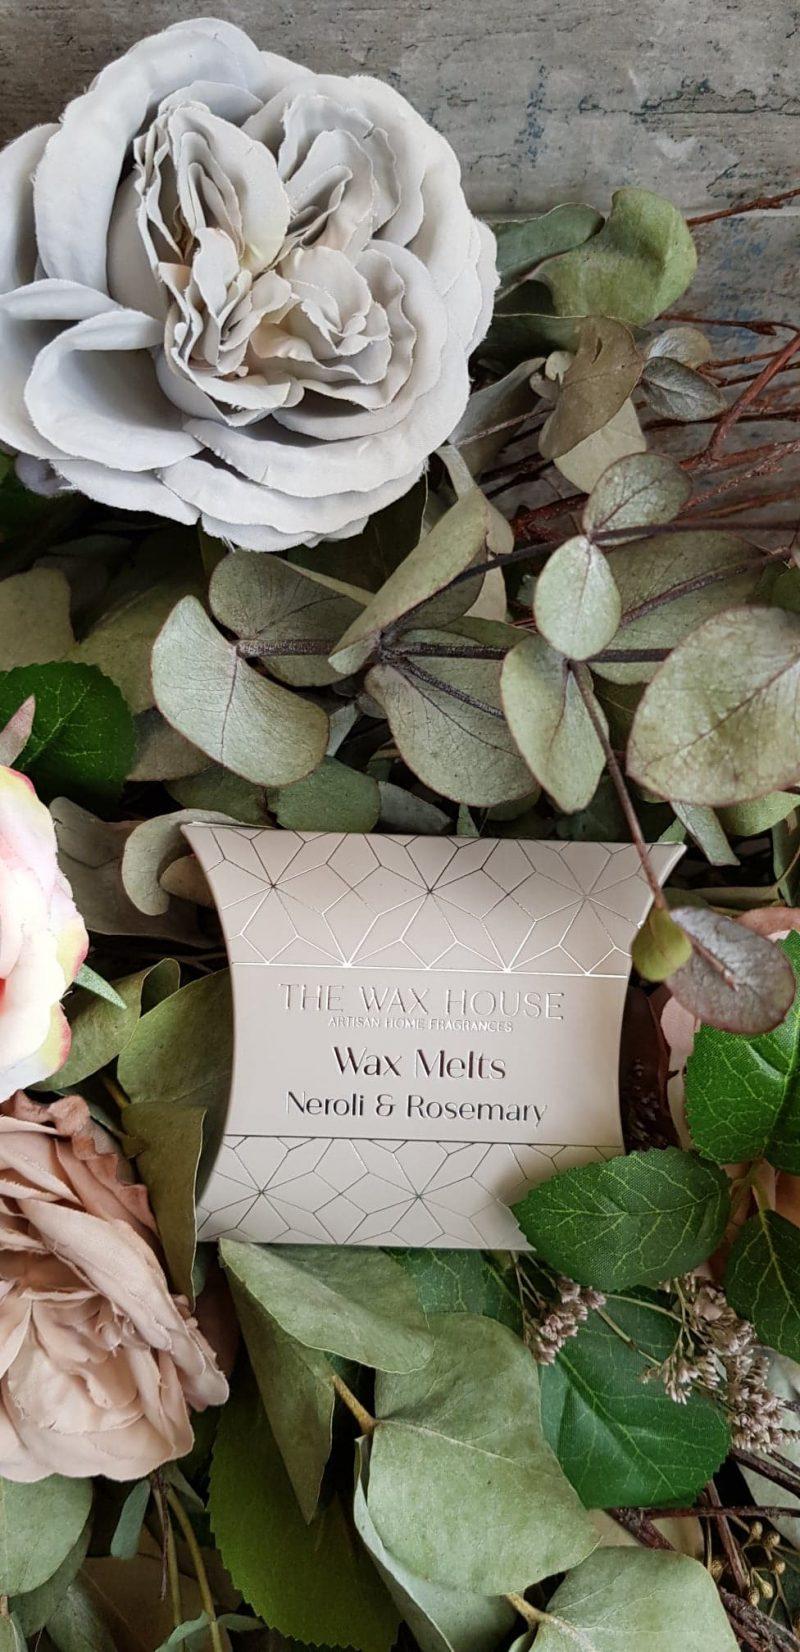 Neroli & Rosemary Soy Wax Melts